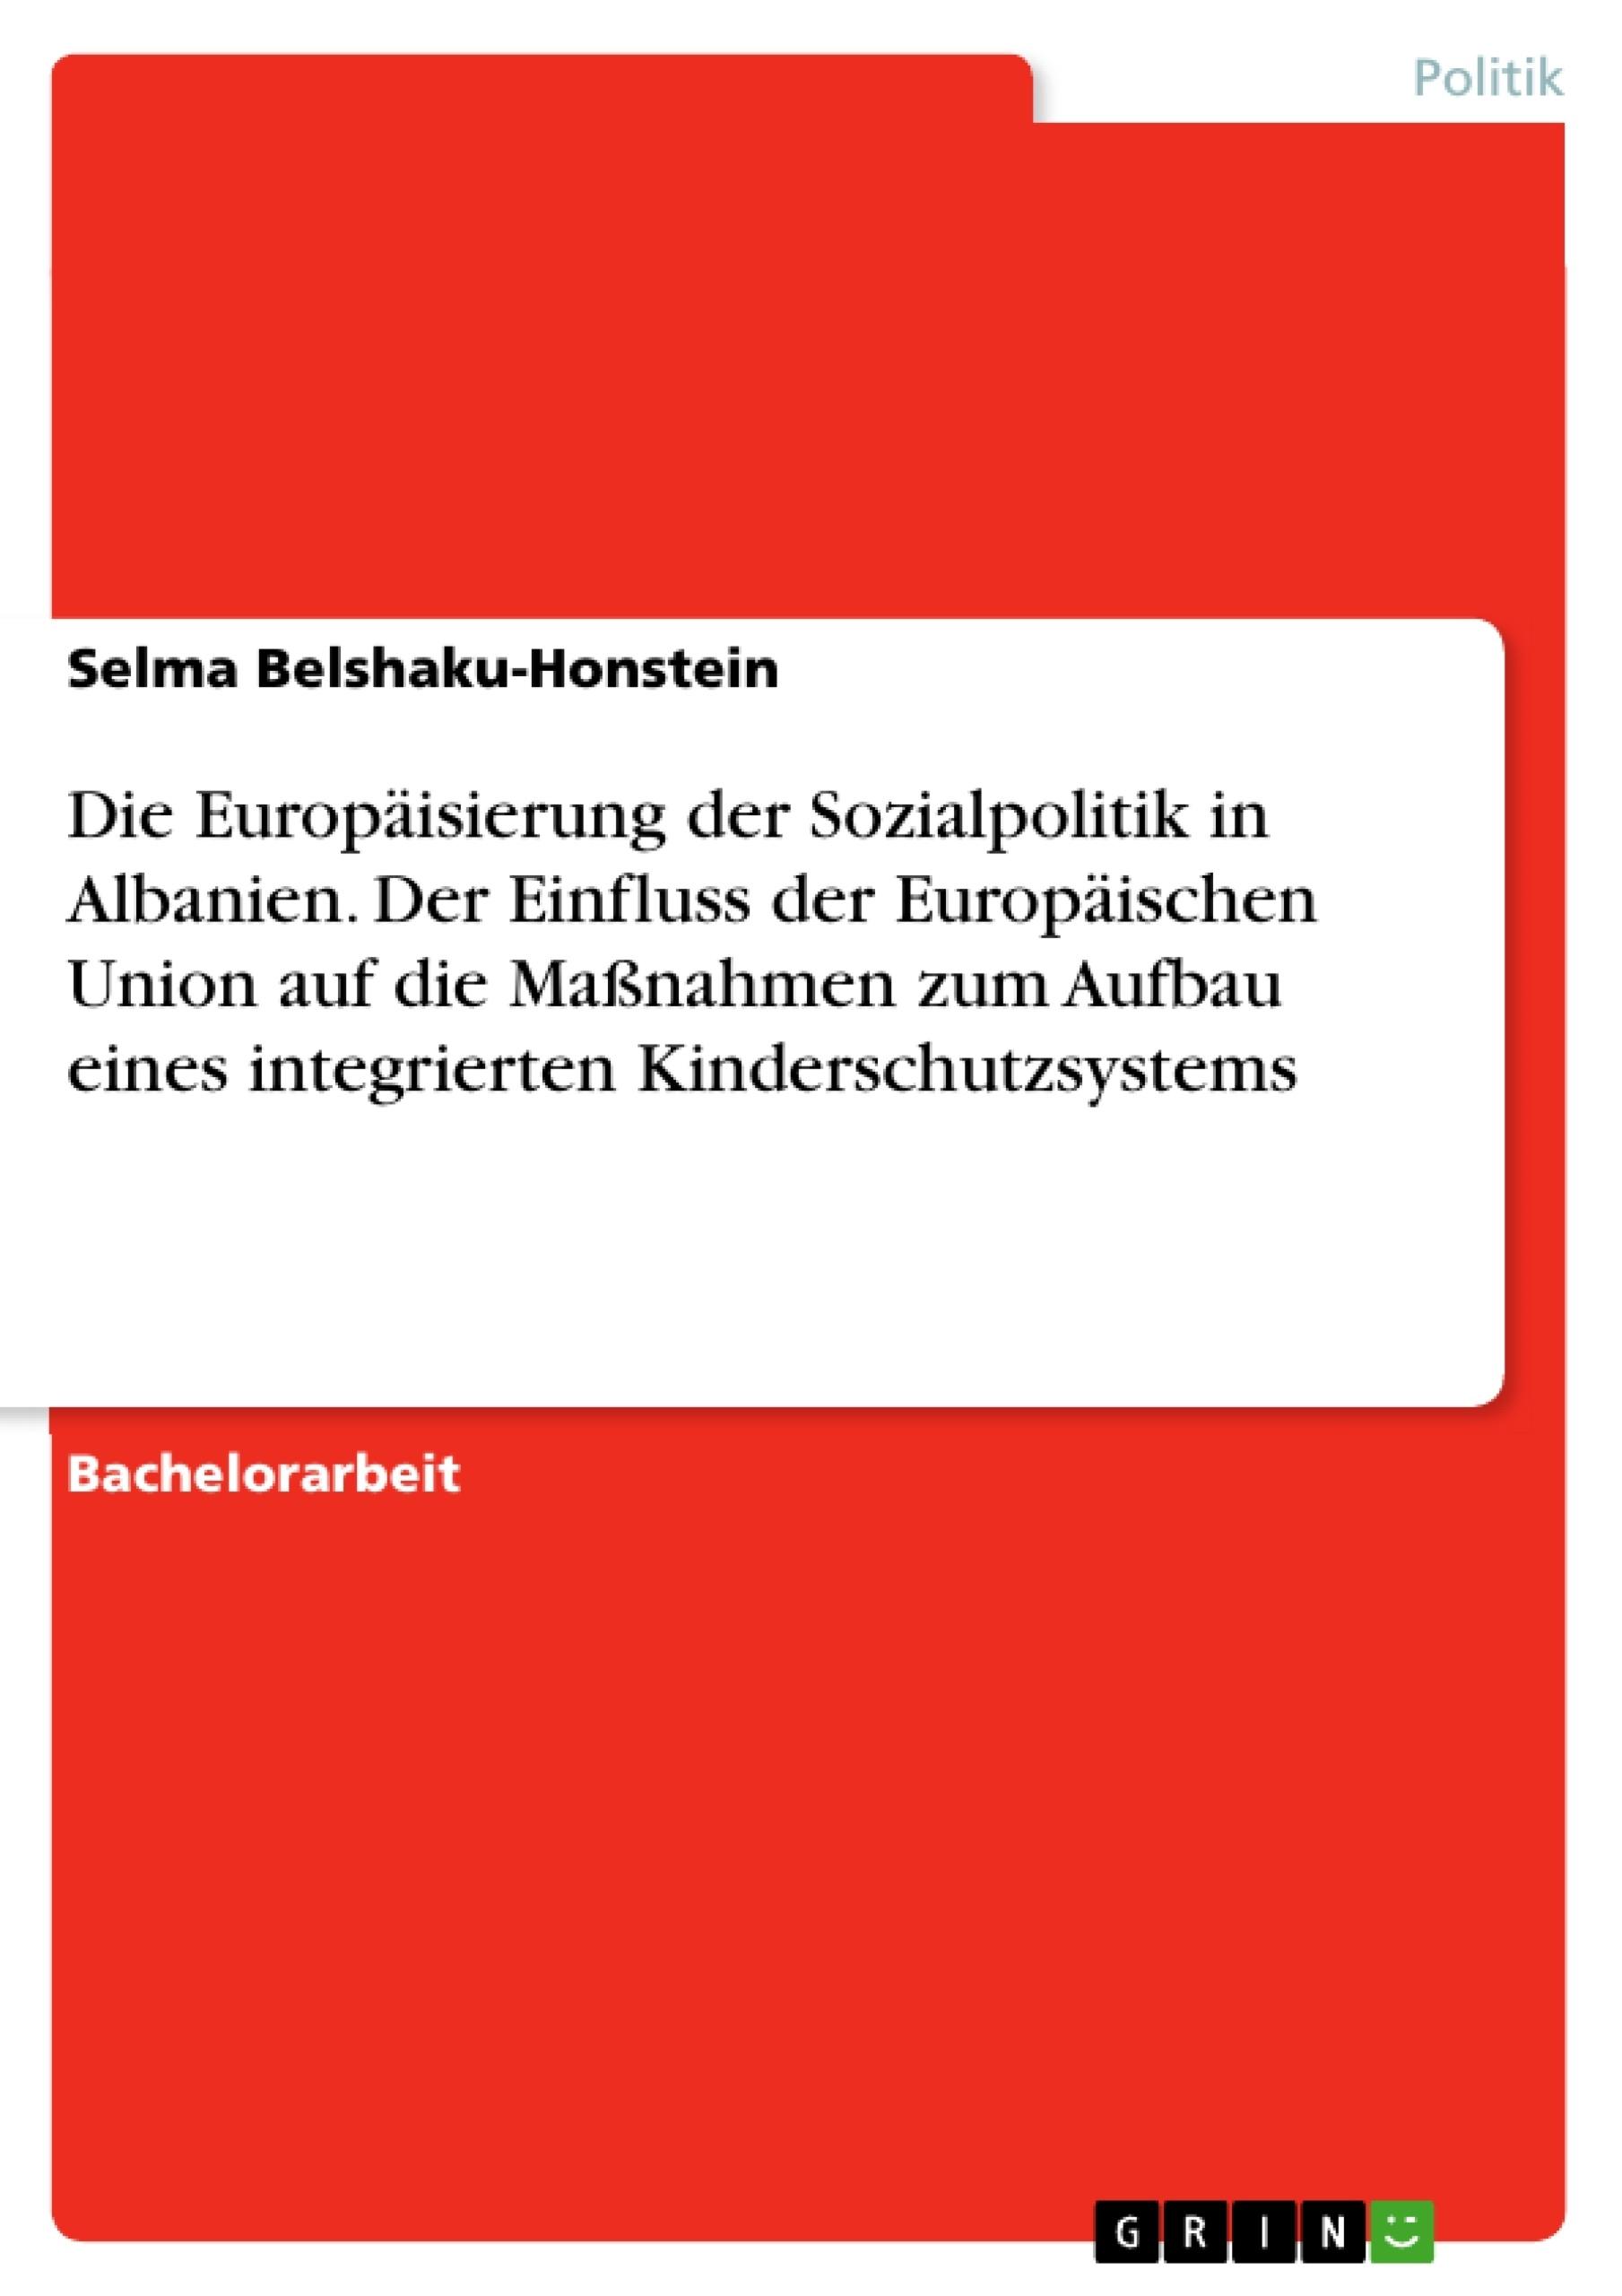 Titel: Die Europäisierung der Sozialpolitik in Albanien. Der Einfluss der Europäischen Union auf die Maßnahmen zum Aufbau eines integrierten Kinderschutzsystems